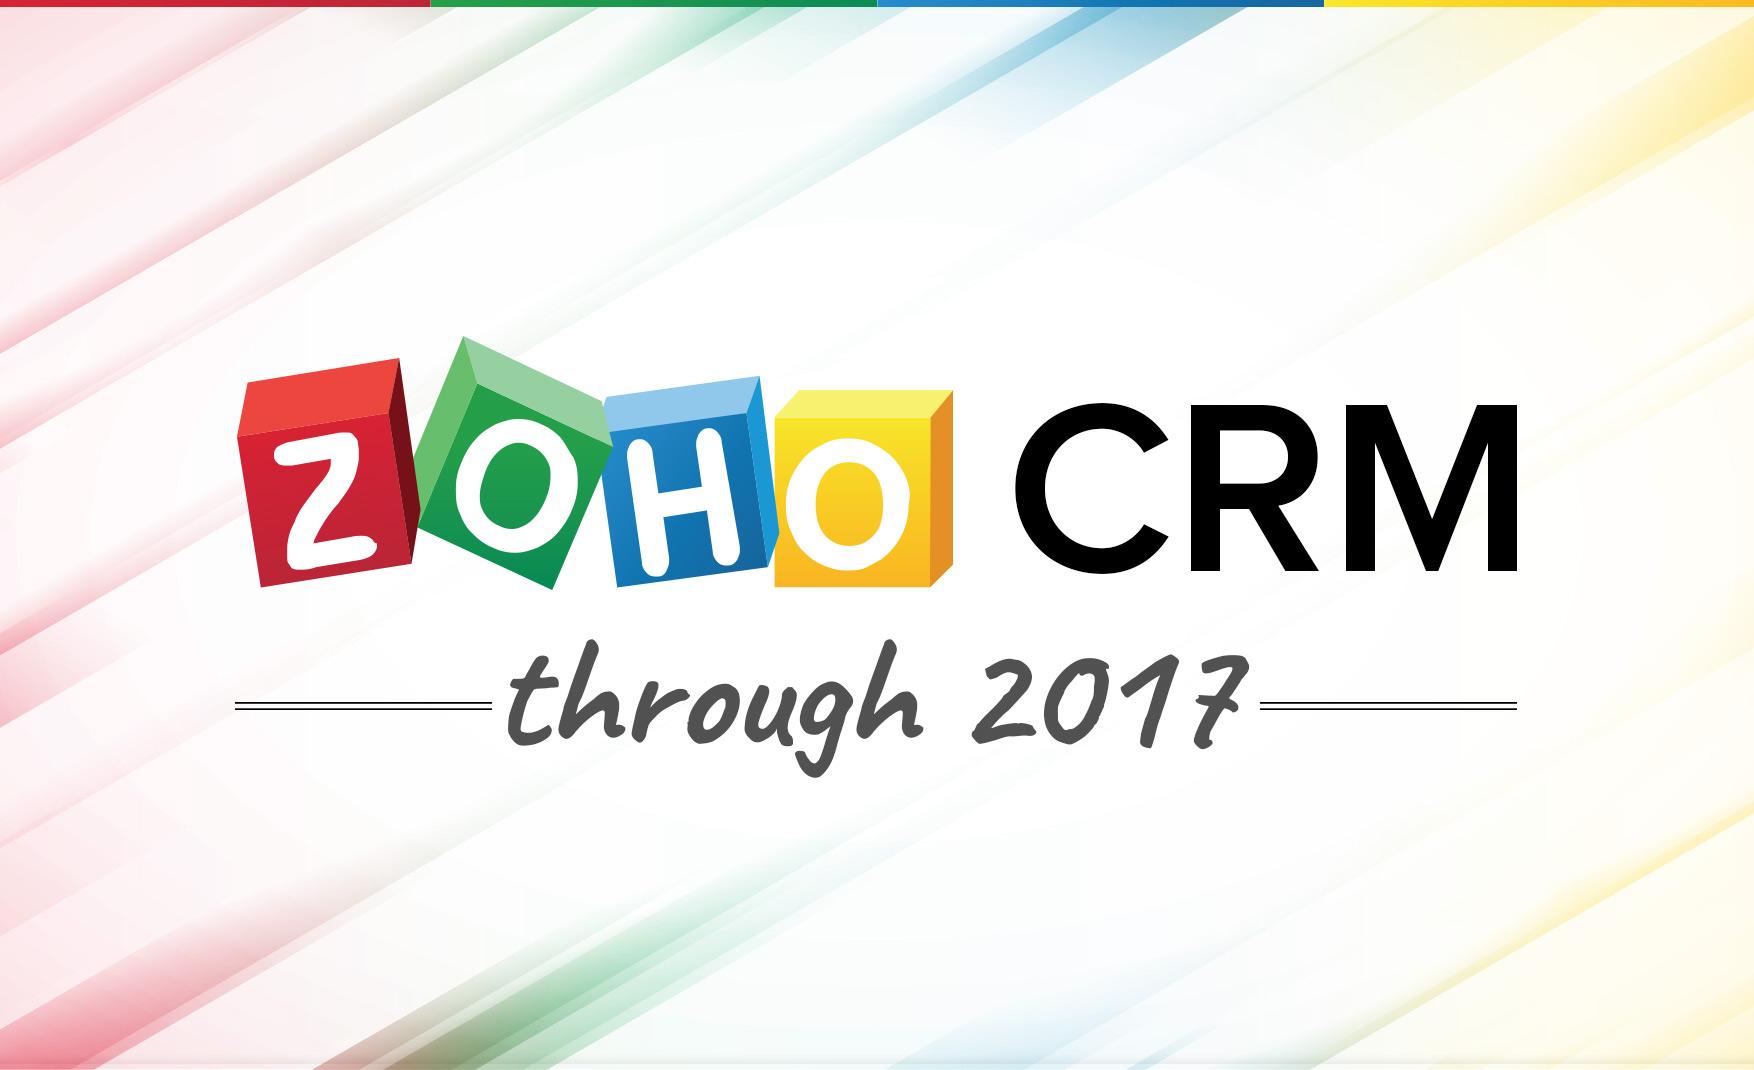 Zoho CRM through 2017